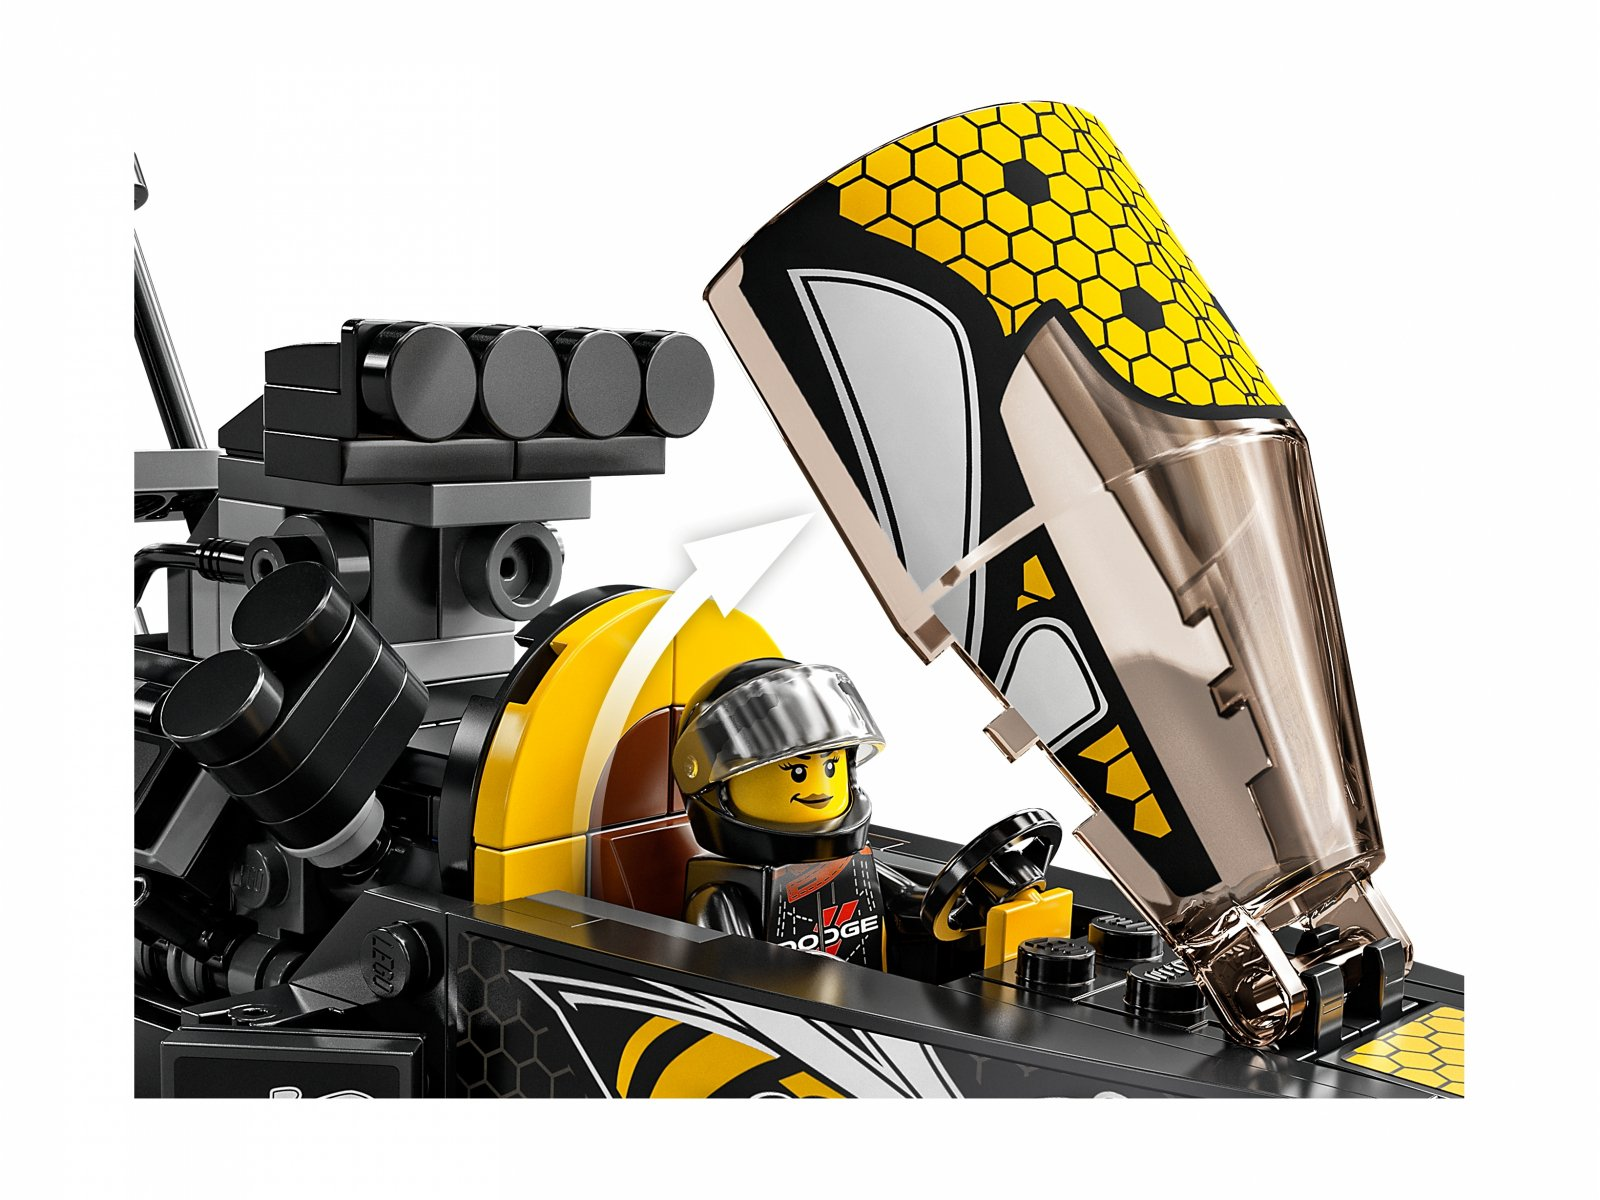 LEGO Speed Champions 76904 Mopar Dodge//SRT Top Fuel Dragster i 1970 Dodge Challenger T/A